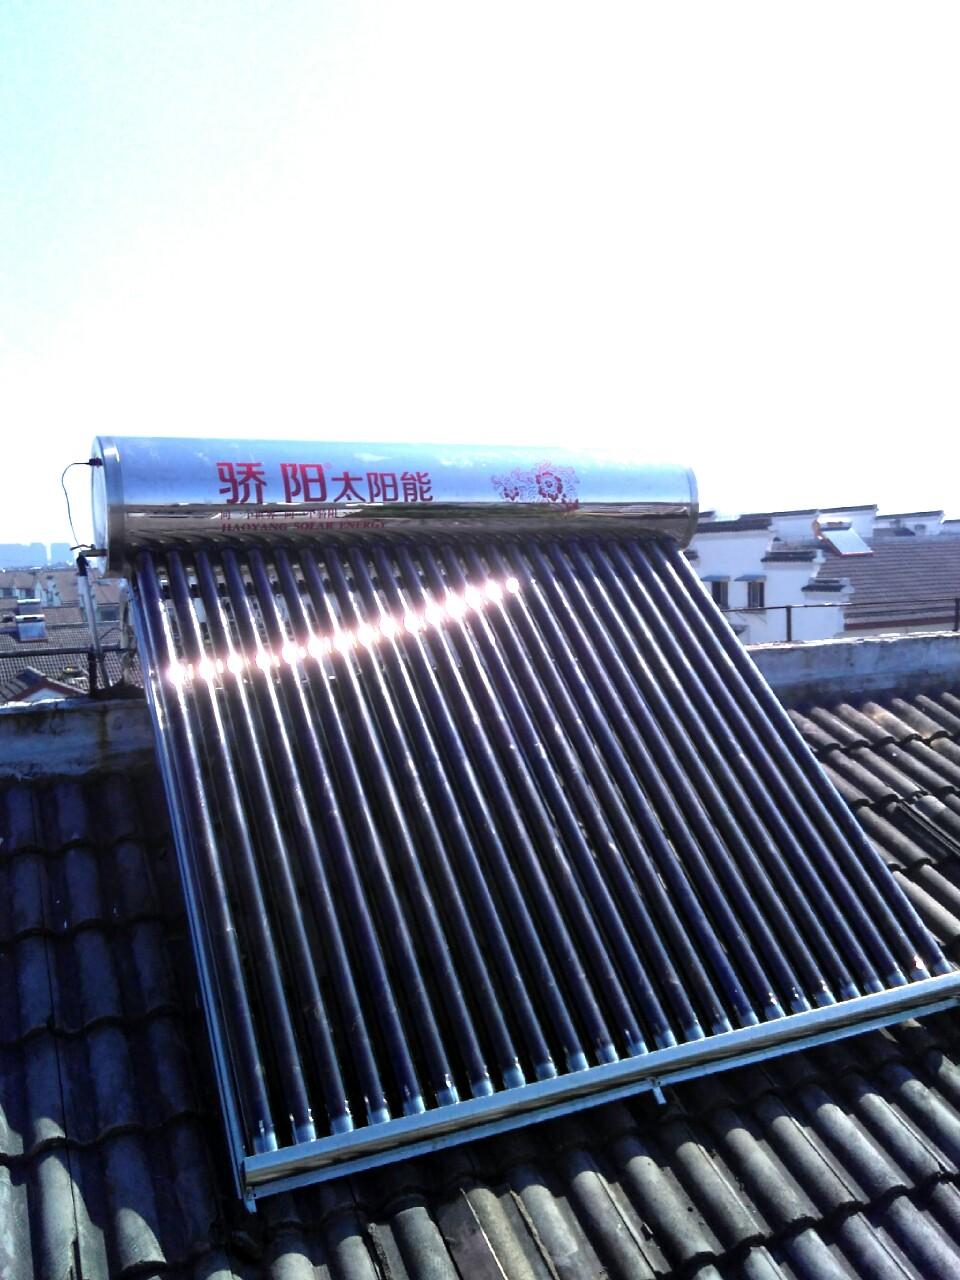 太阳能热水器安装,维修,拆迁